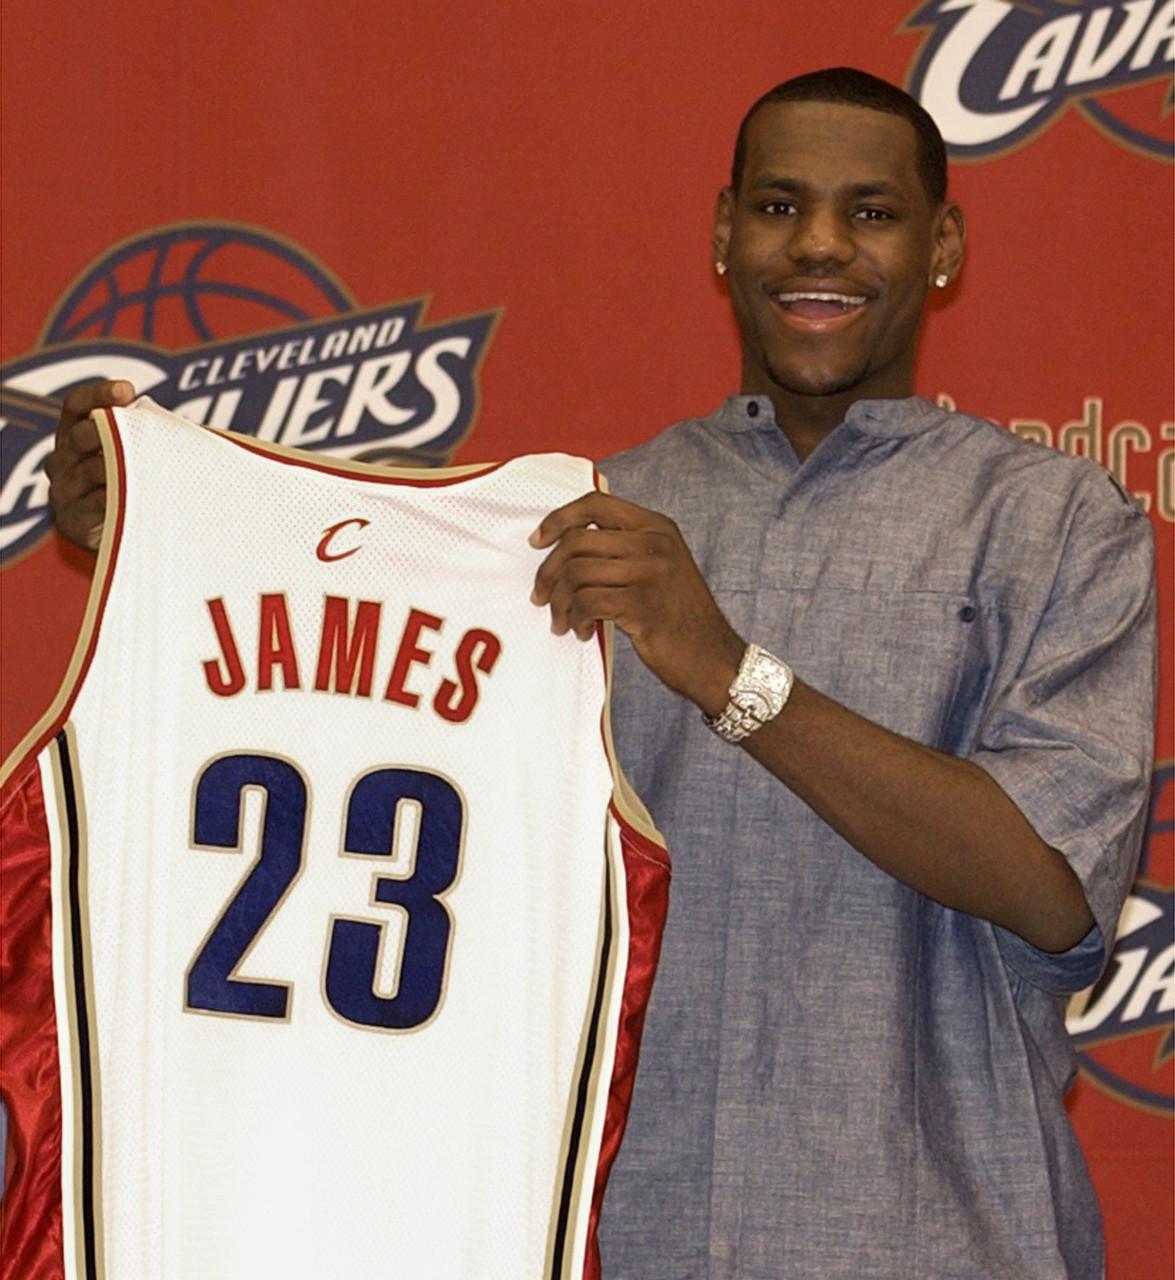 16年前的今天:詹姆斯生涯常规赛首秀砍25+6+9+4